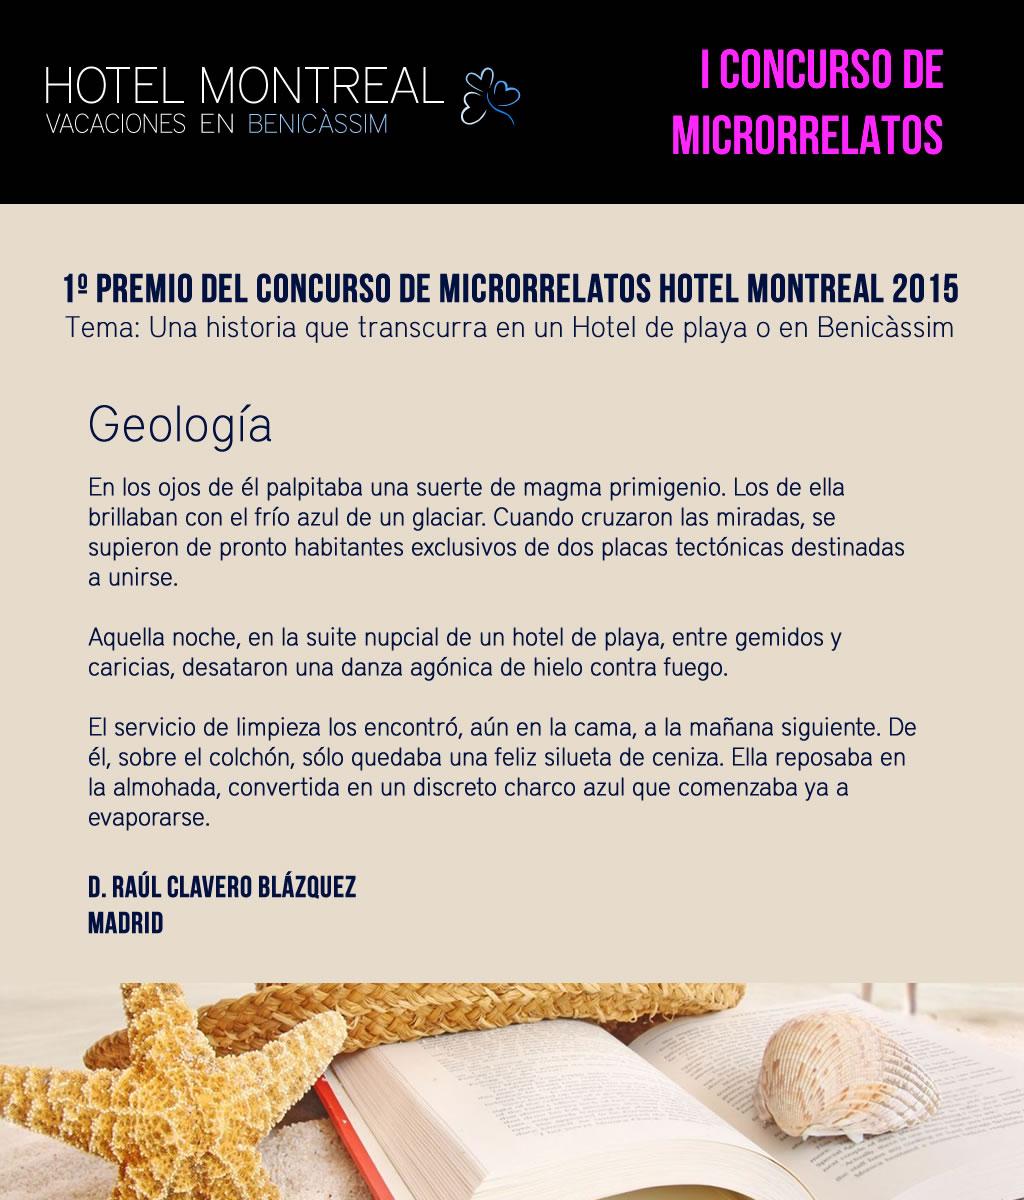 2015 Concurso 1 Premio